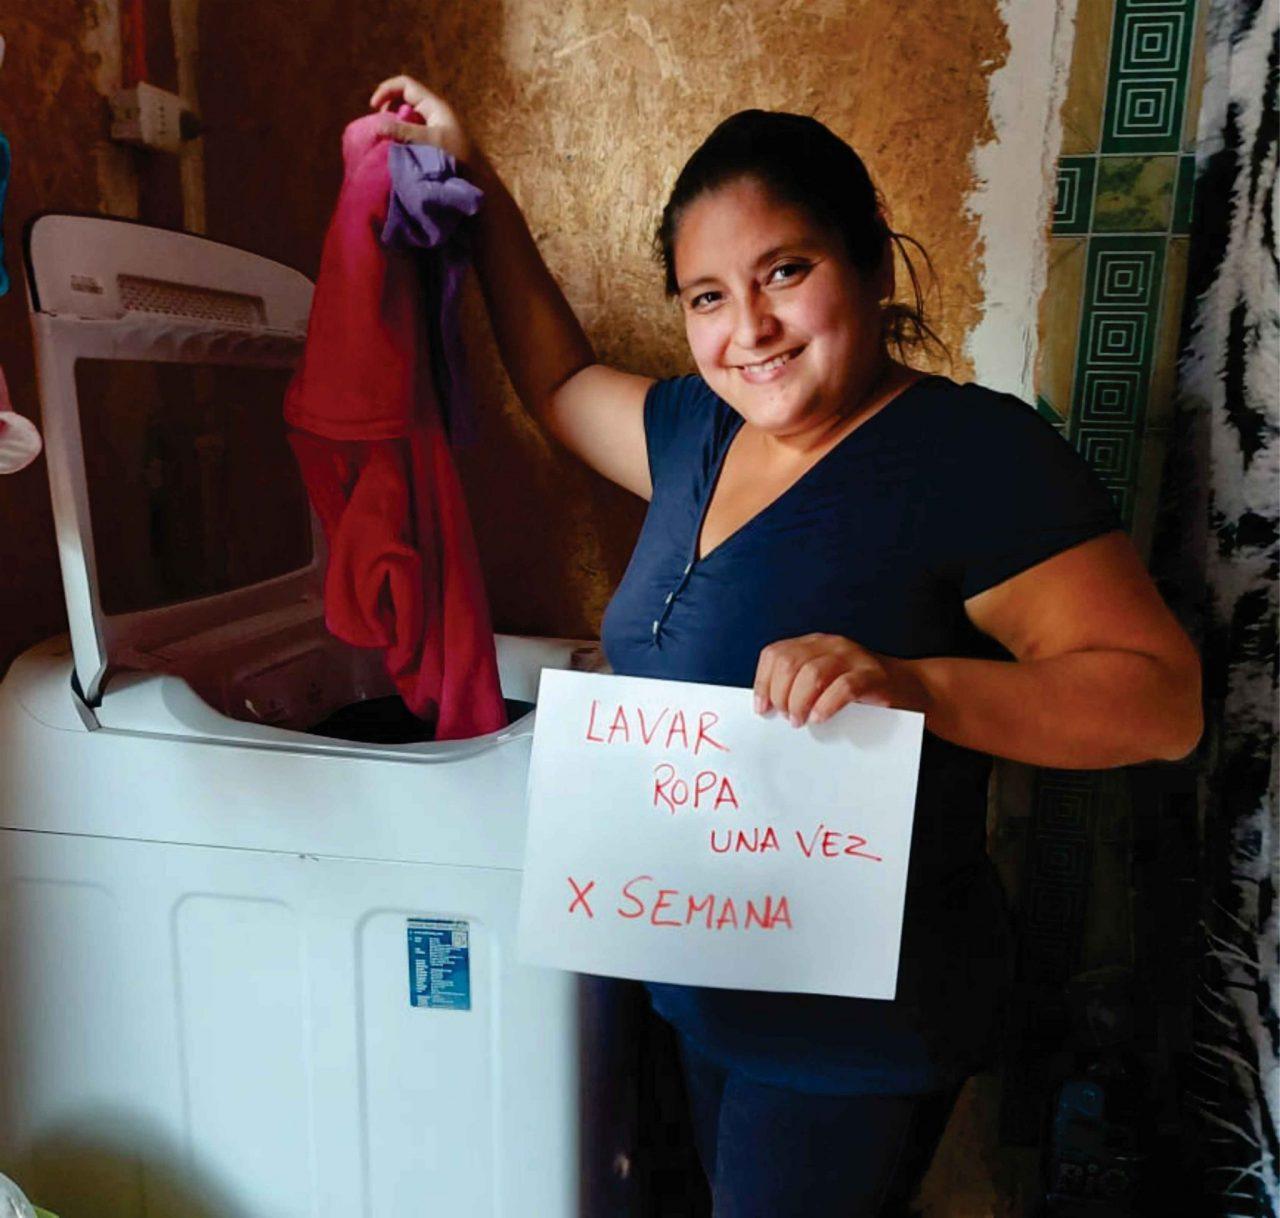 Jacqueline-Paredes-se-enfoca-ahora-en-lograr-un-mayor-ahorro-de-energia-en-su-hogar-2048x1949